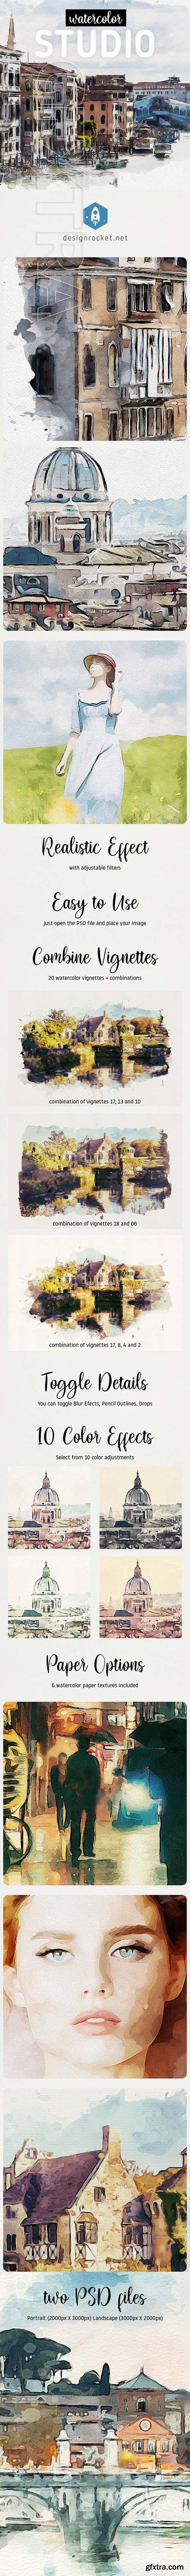 GraphicRiver - Watercolor Studio 25046502